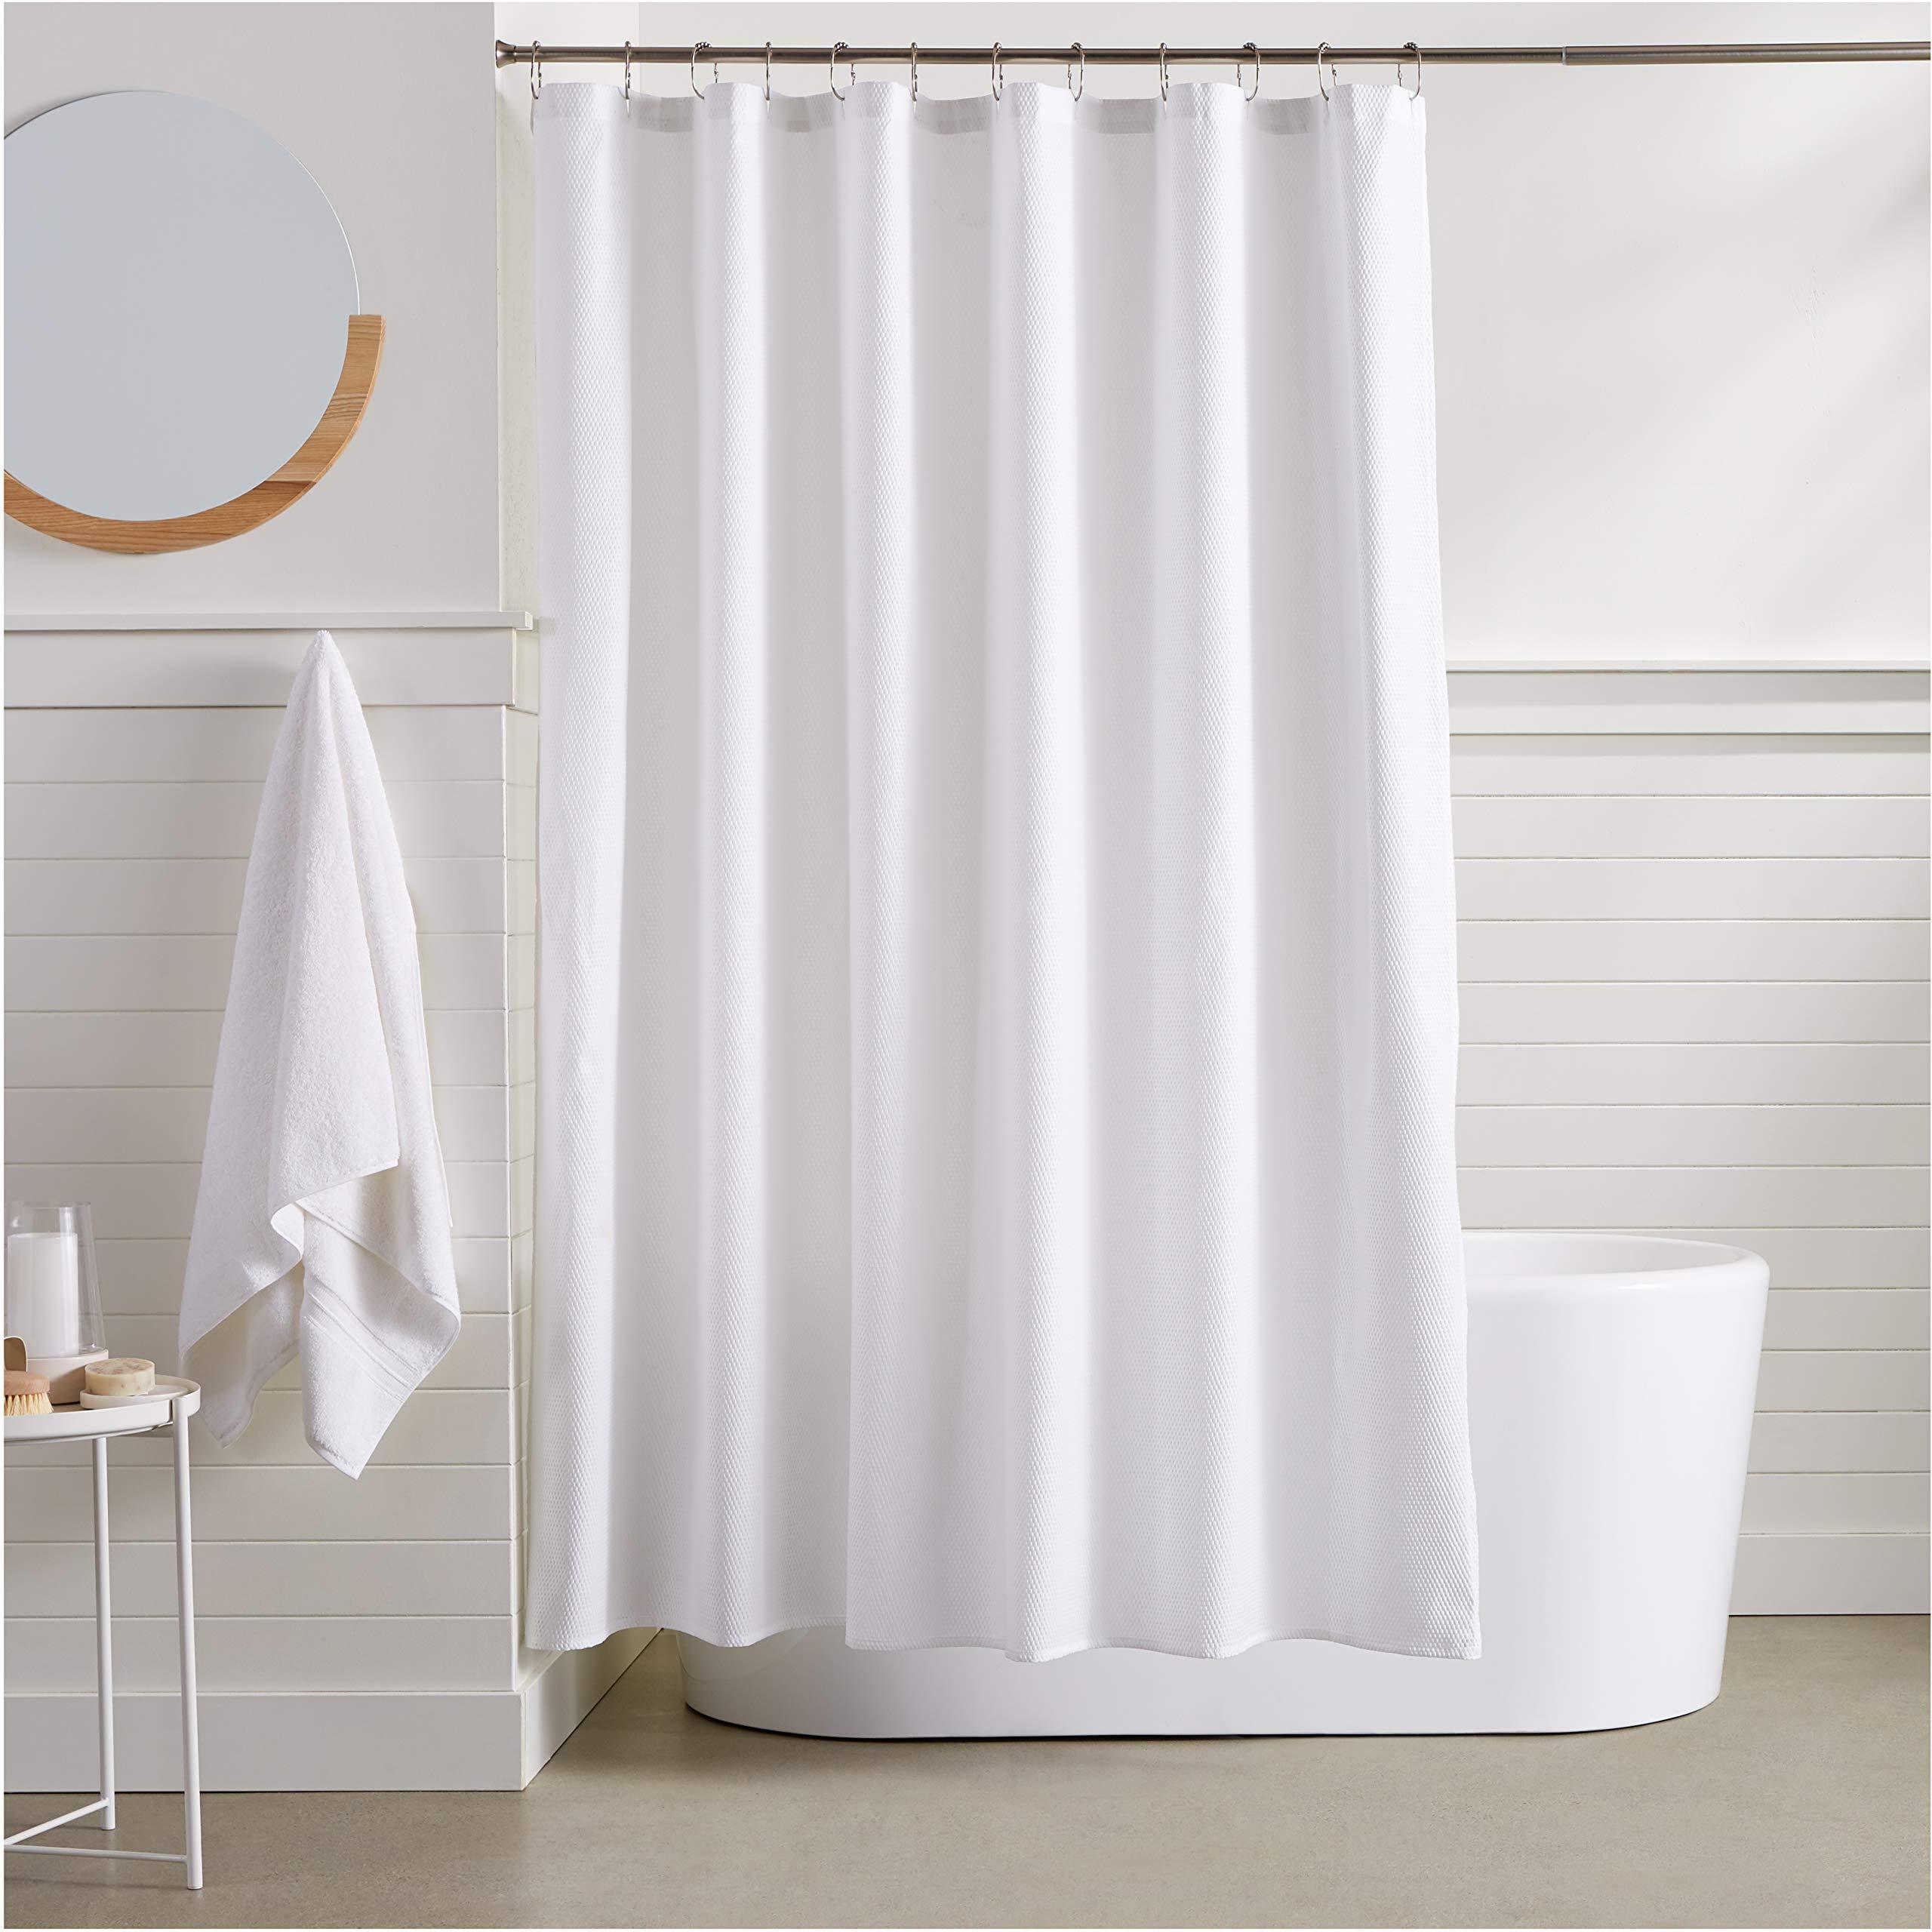 AmazonBasics Waffle Weave Shower Curtain - White